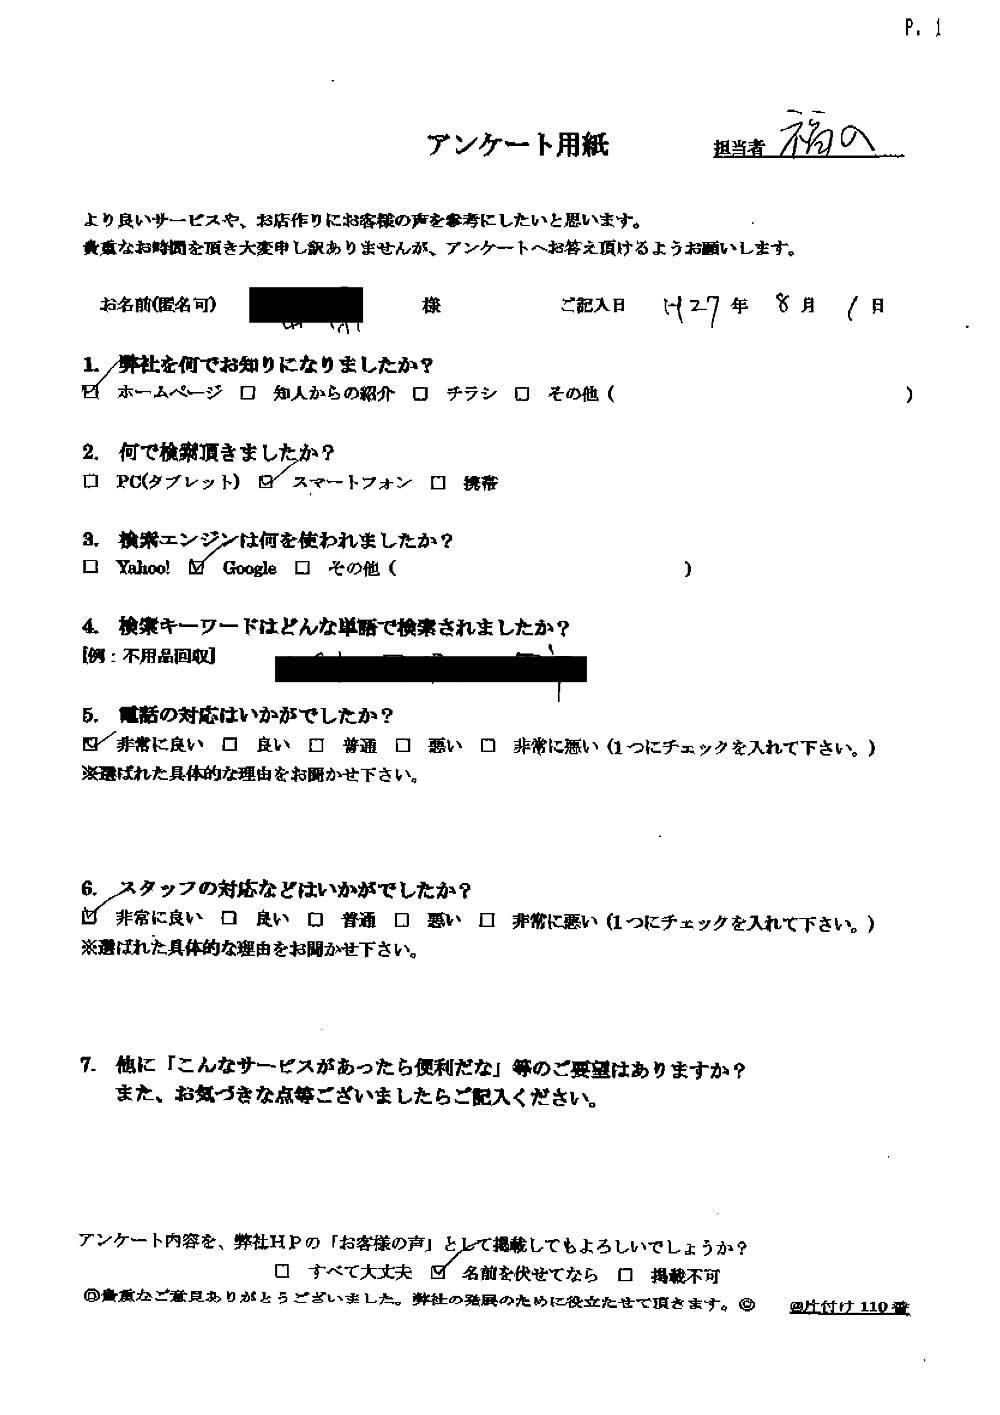 【山梨市】耐火金庫の処分☆予算内に収まりご満足いただけました!